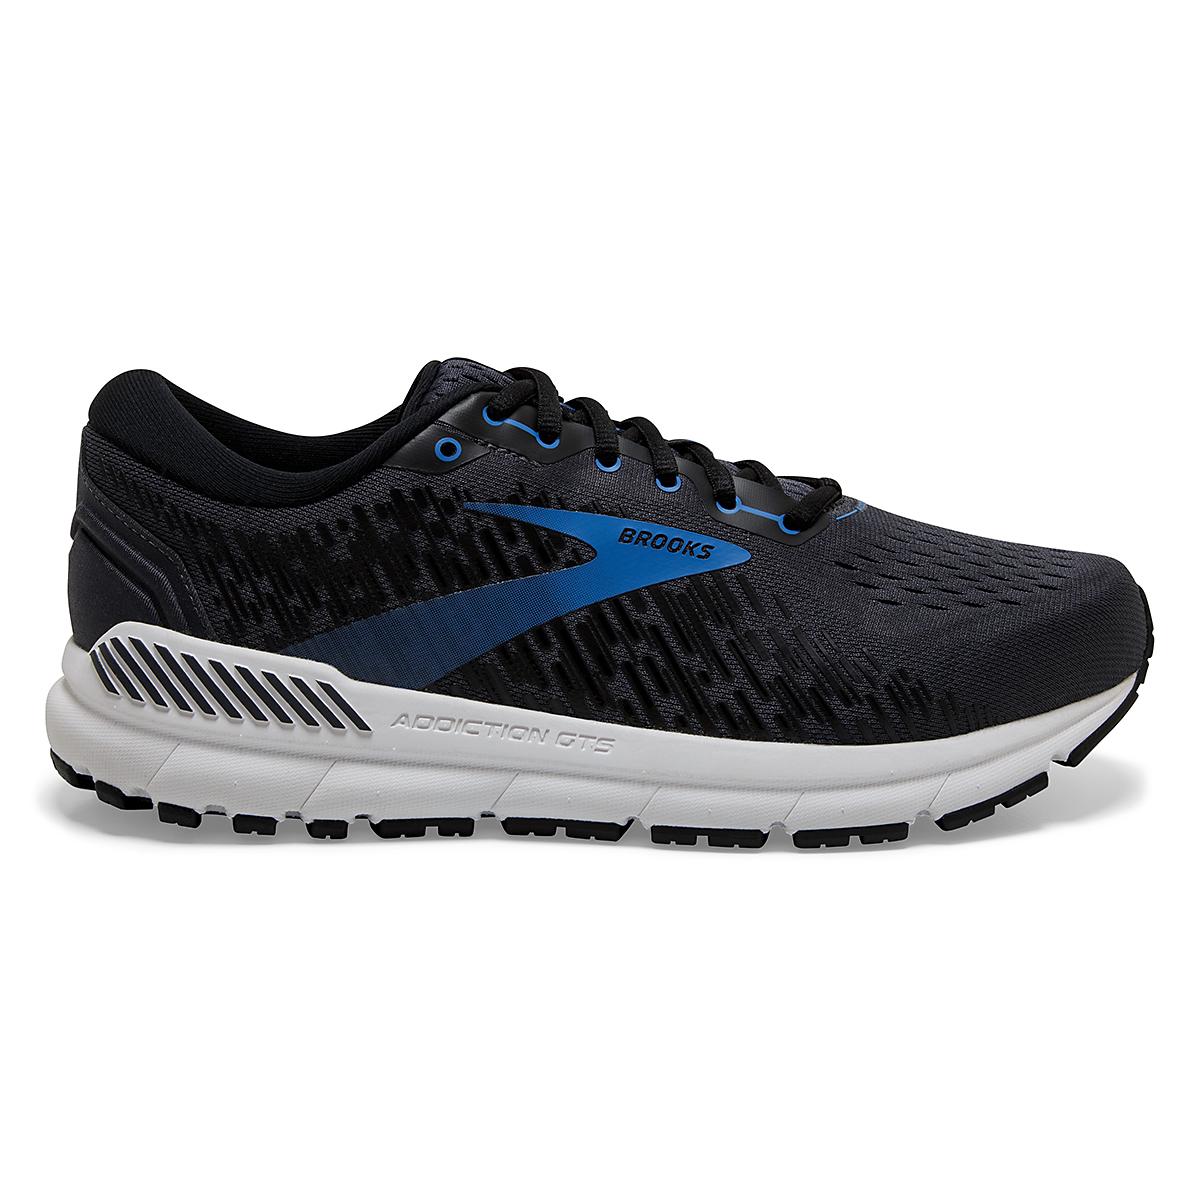 Men's Brooks Addiction GTS 15 Running Shoe - Color: India Ink/Black/Blue - Size: 7 - Width: Regular, India Ink/Black/Blue, large, image 1